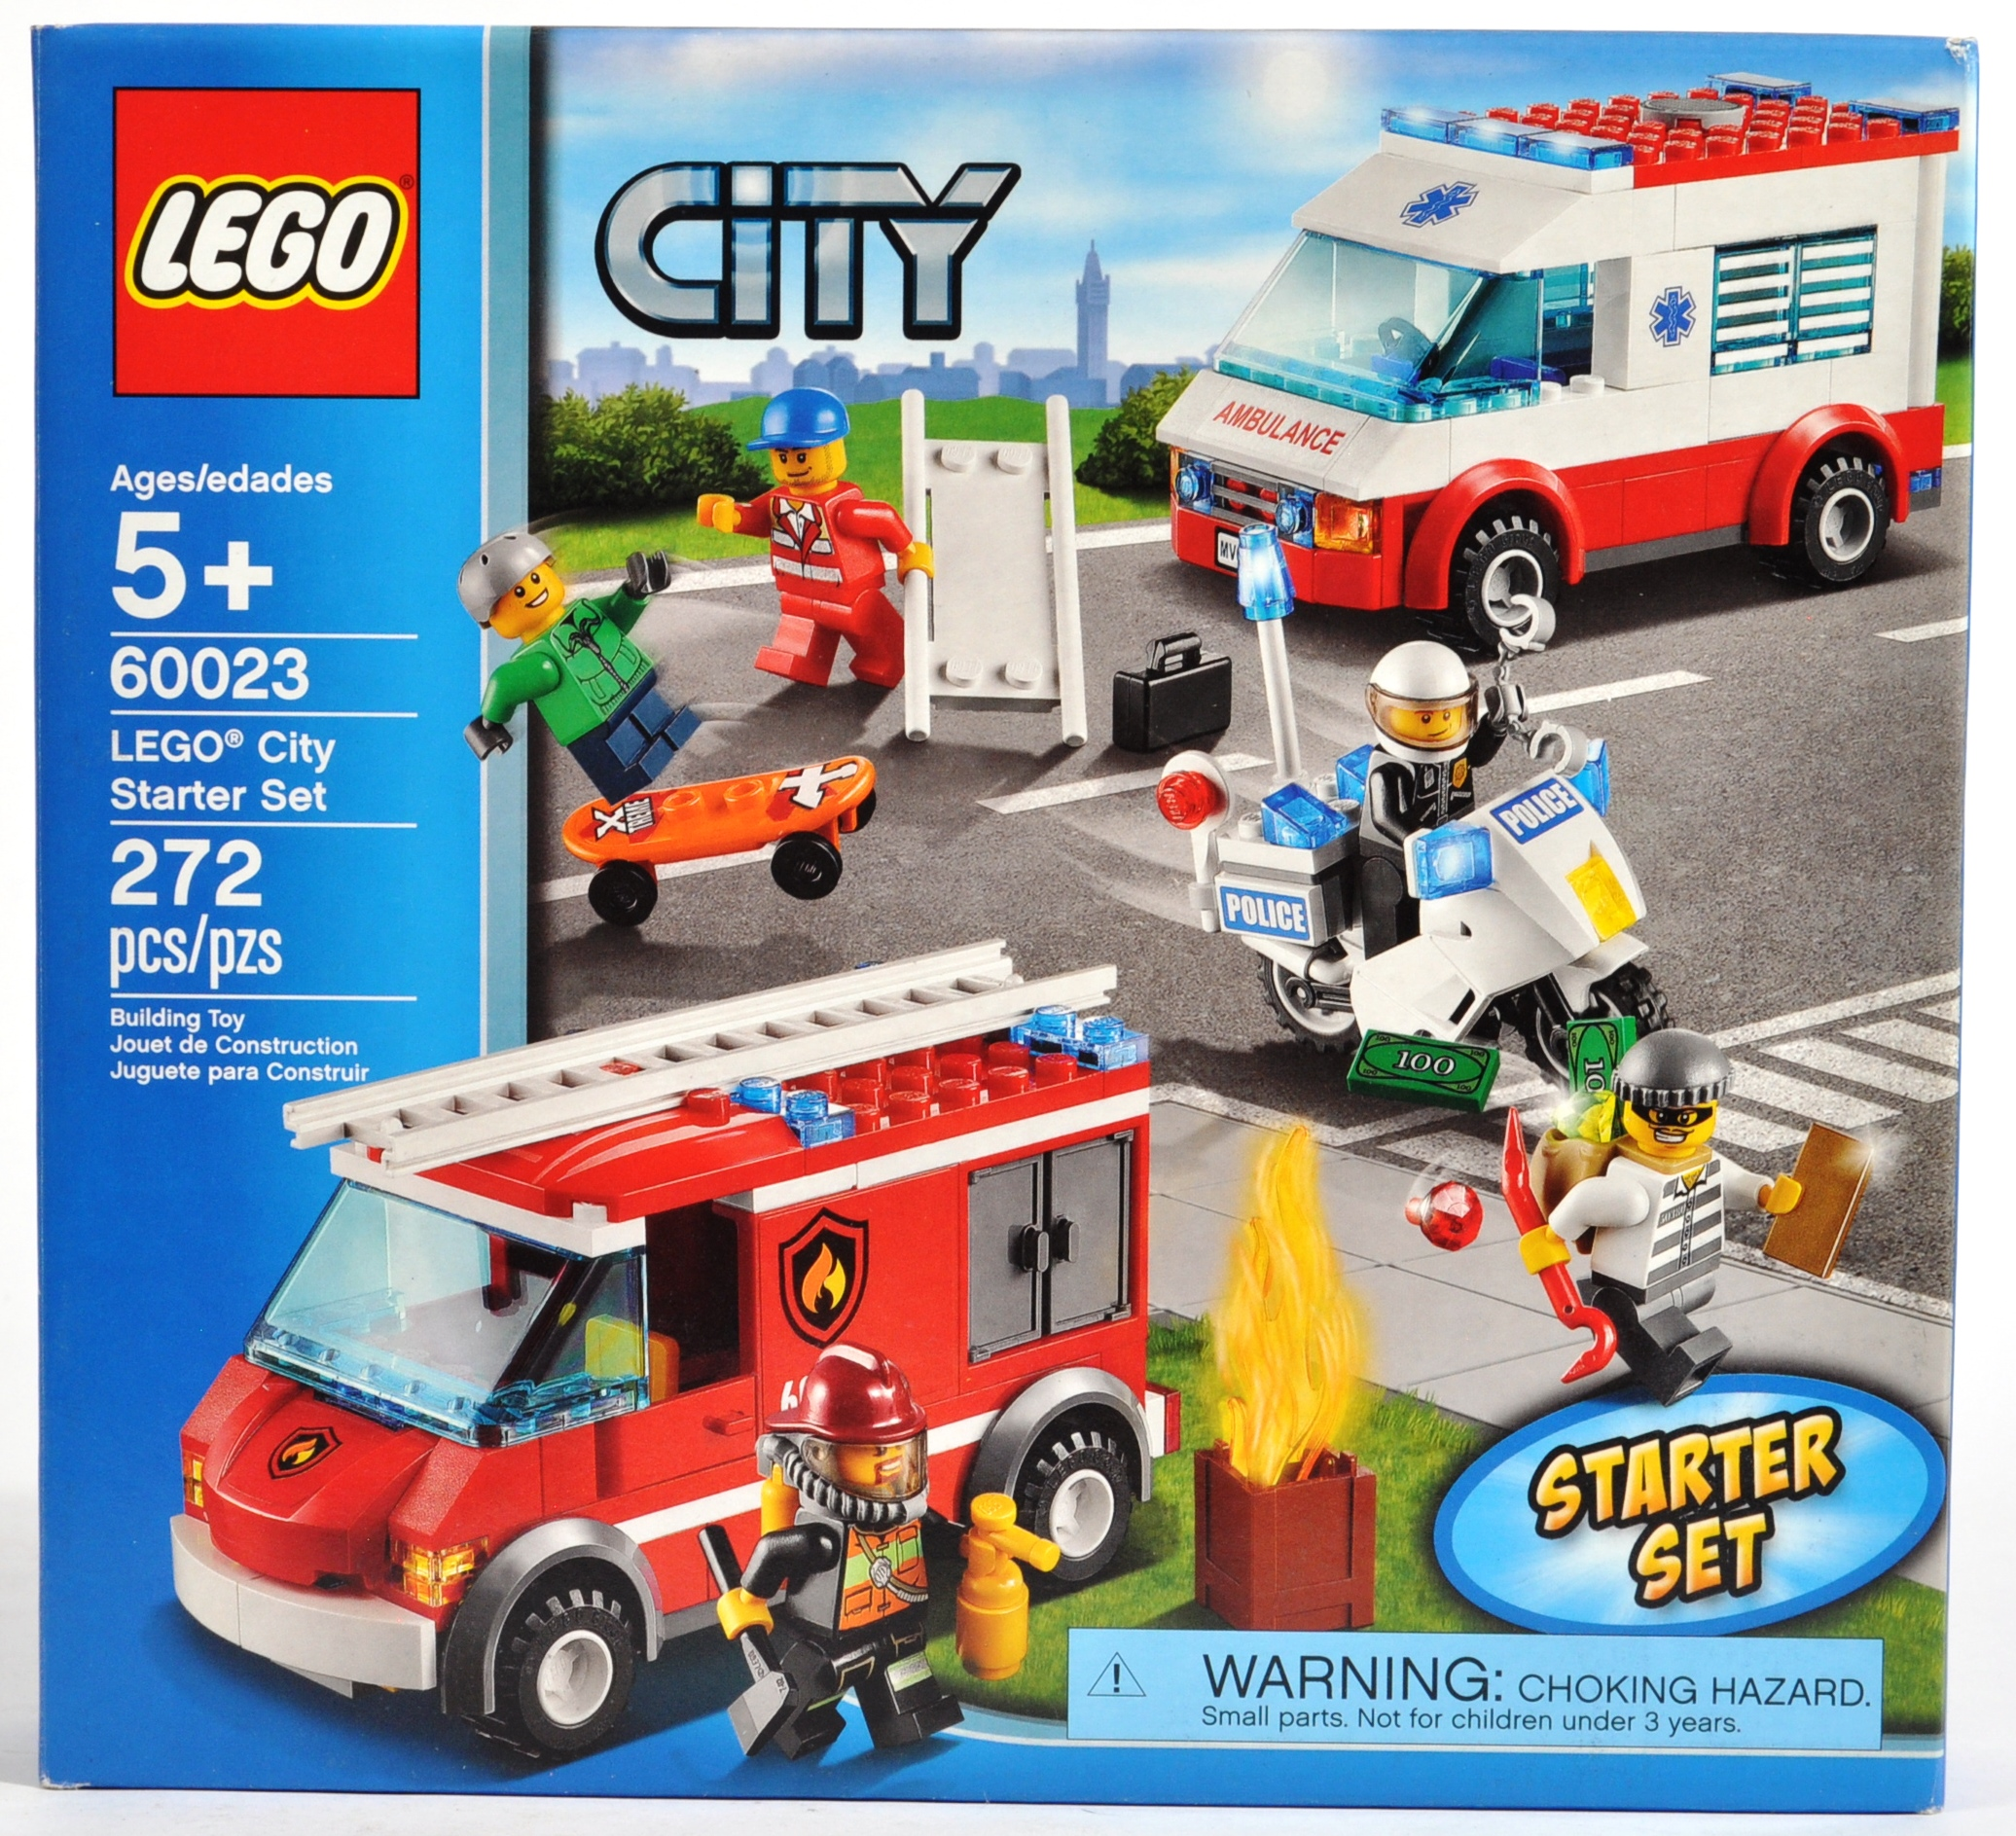 LEGO SETS - LEGO CITY - 60023 / 60056 / 60223 - Image 5 of 11